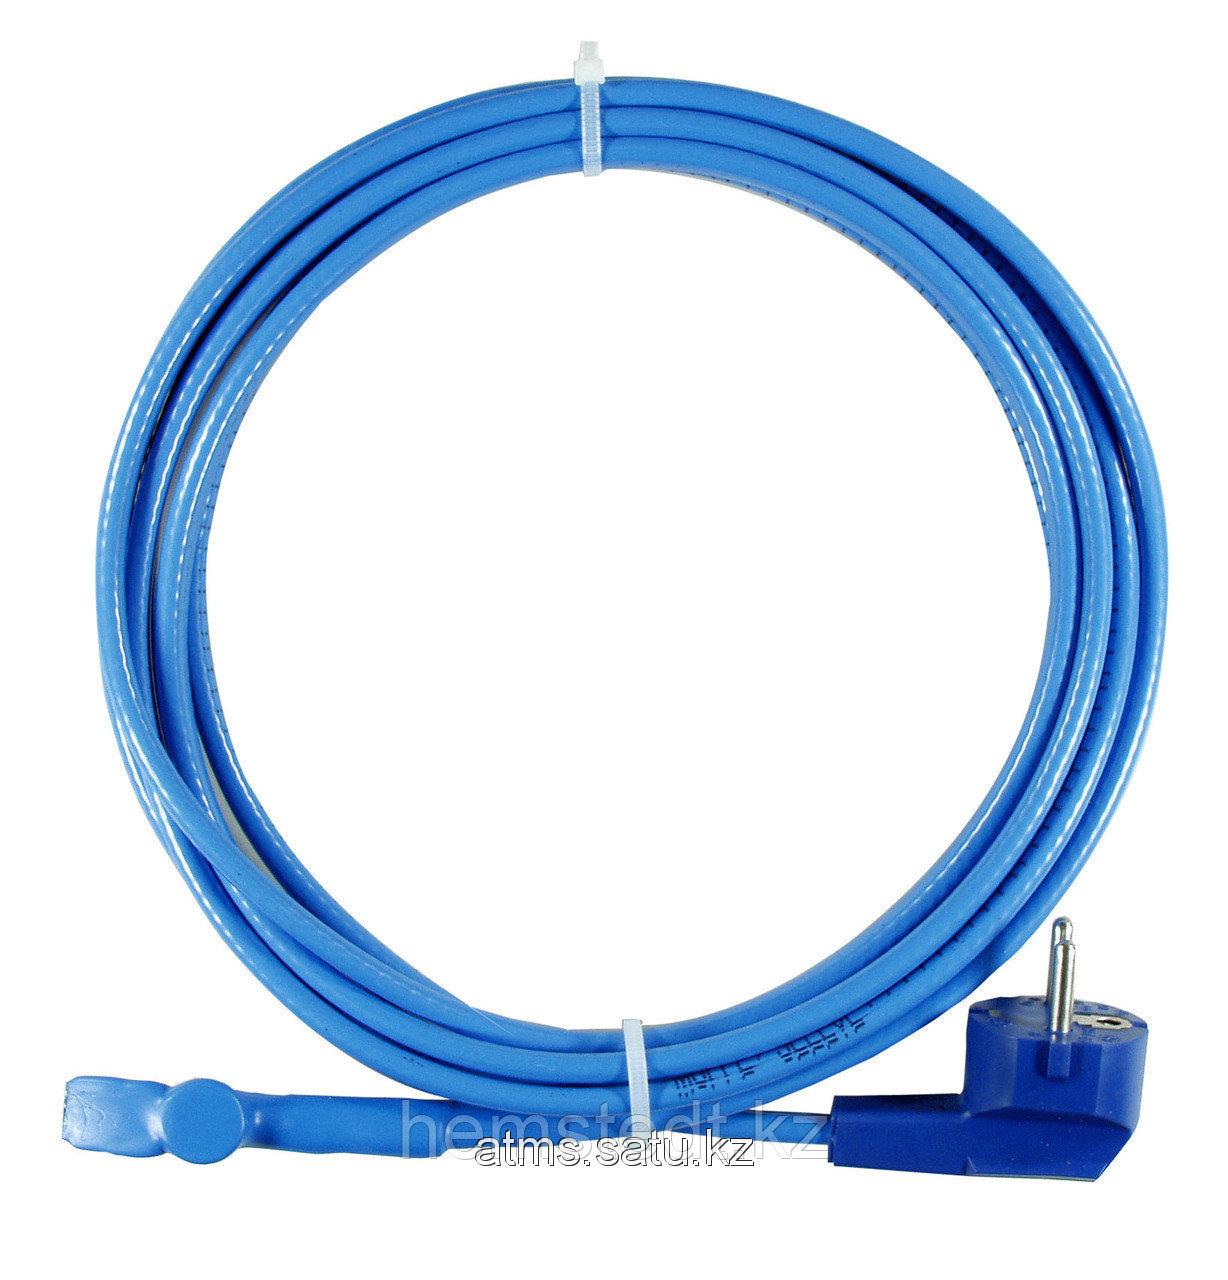 Кабель Hemstedt FS для защиты трубопроводов от замерзания с термоограничителем 8м